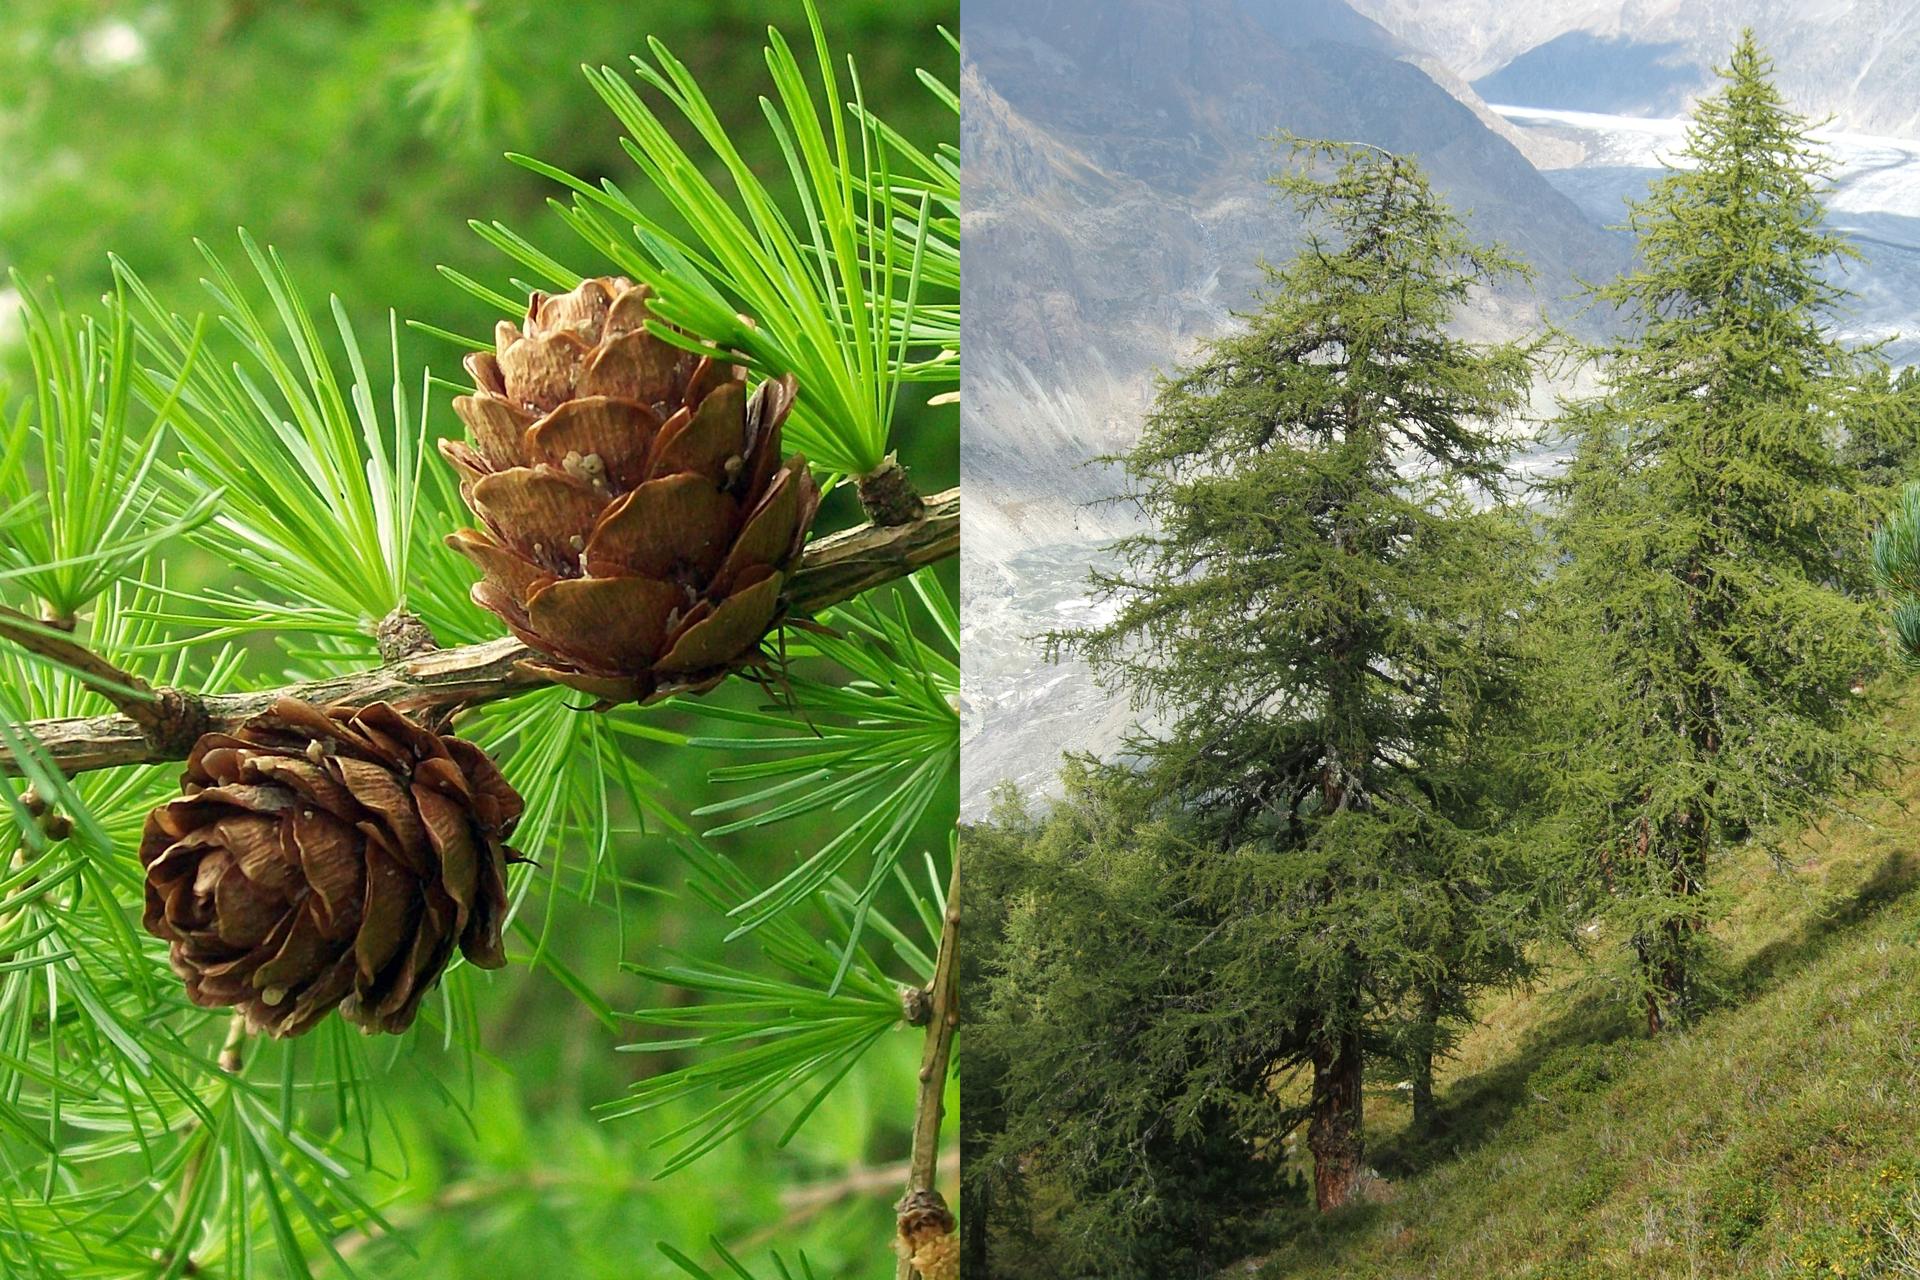 Fotografia zlewej przedstawia gałąź modrzewia europejskiego zkrótkimi igłami wpęczkach. Na gałęzi stoją dwie małe, okrągłe brązowe szyszki. Po prawej fotografia przedstawia dwa duże drzewa na tle górskiego krajobrazu.